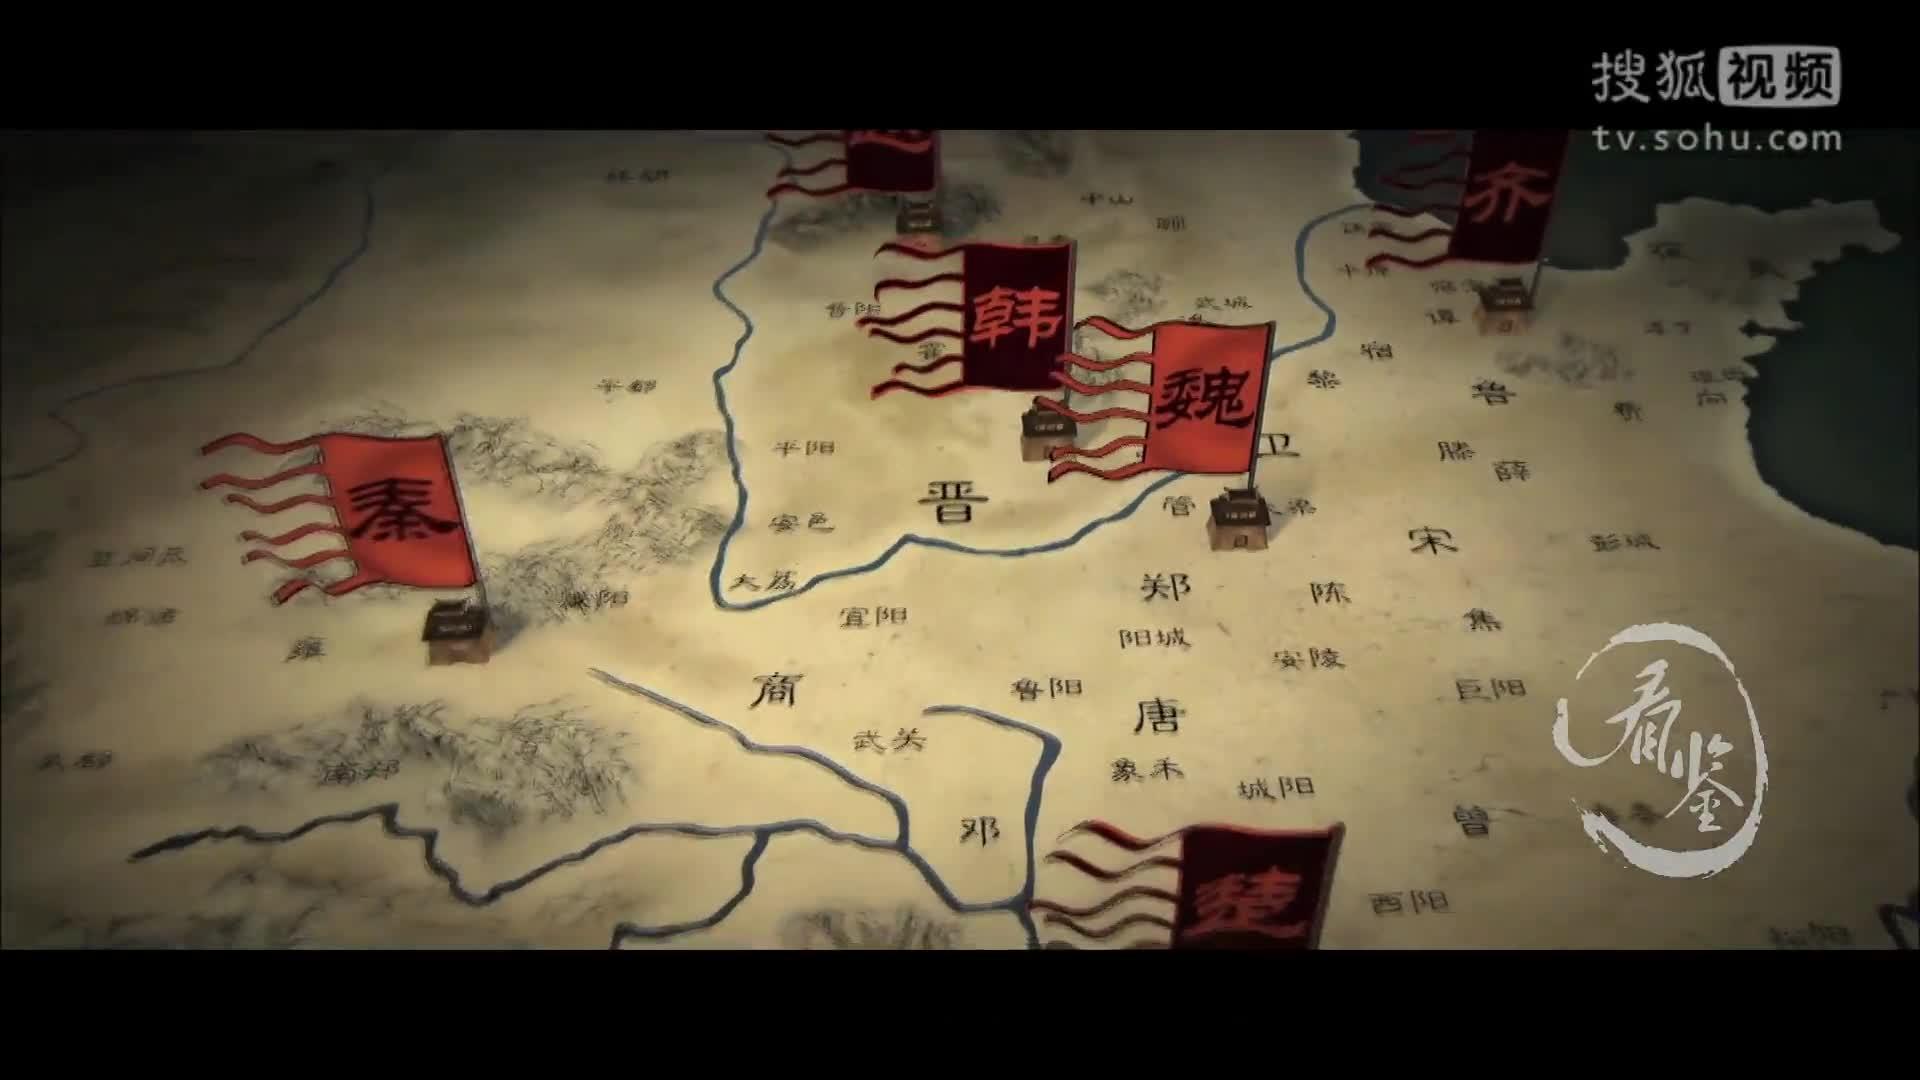 【看鉴】秦朝统一六国的秘密【历史大揭秘】-20